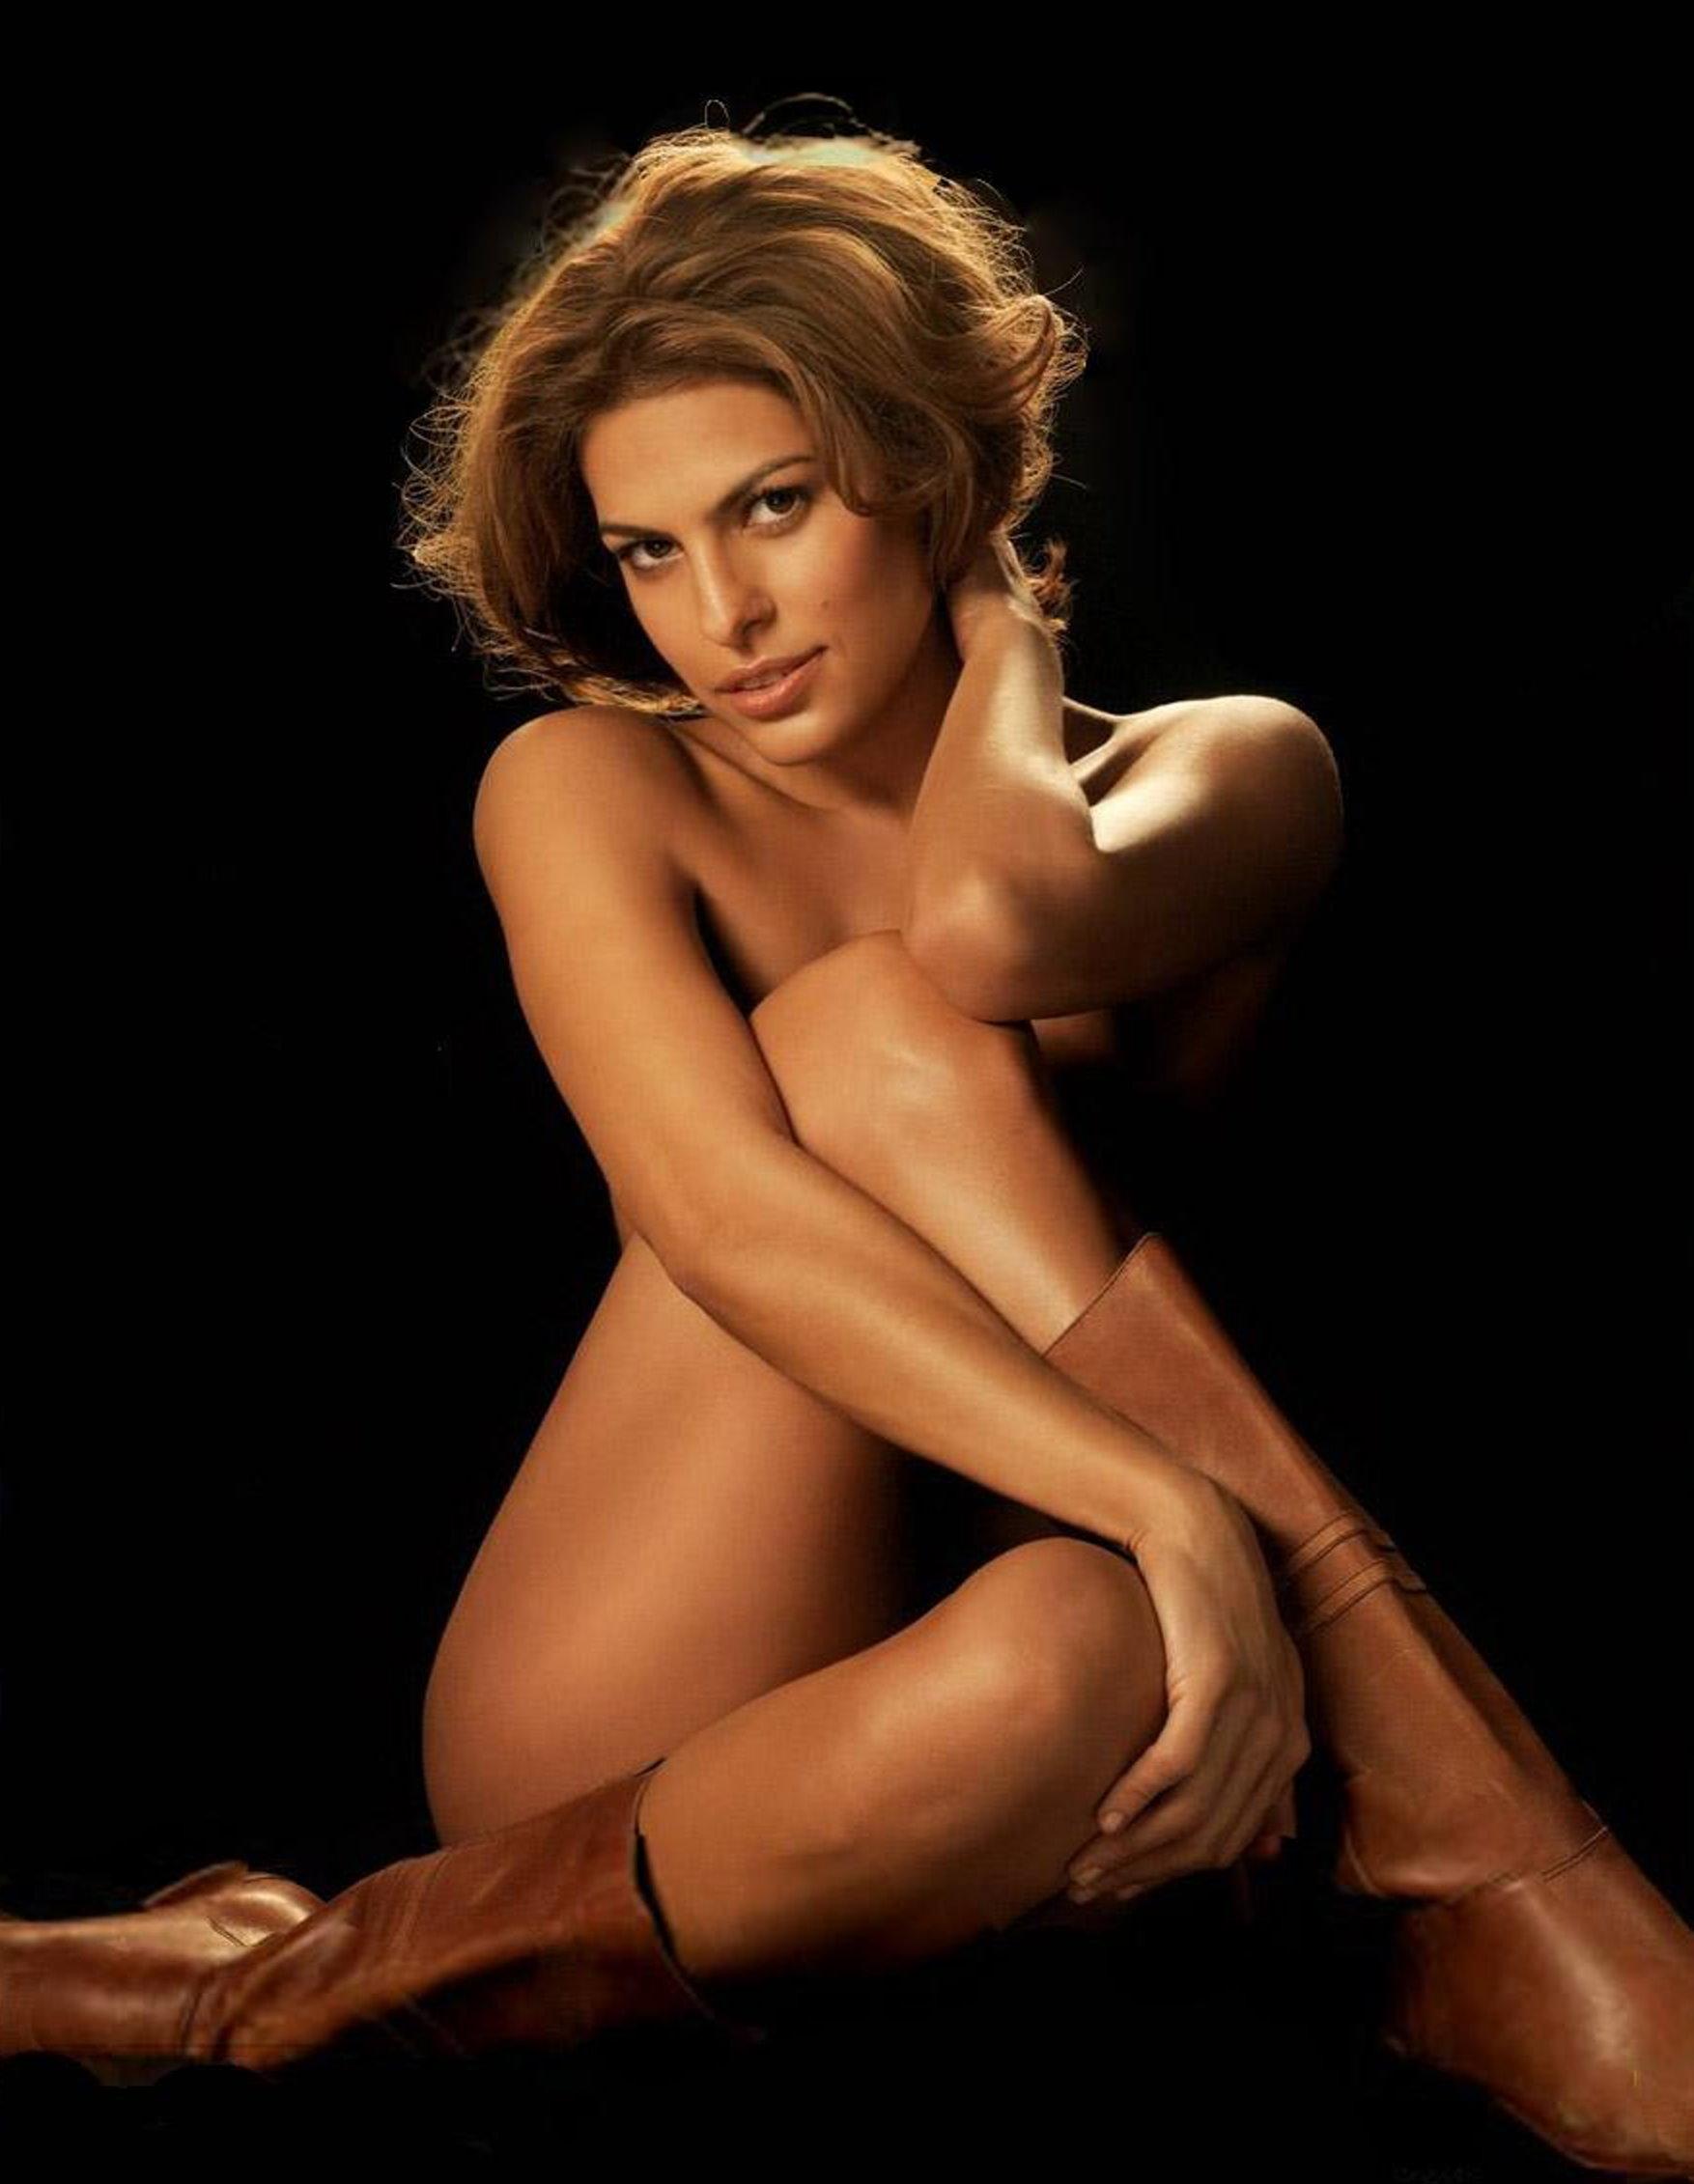 nude pictures of eva mendez  525832